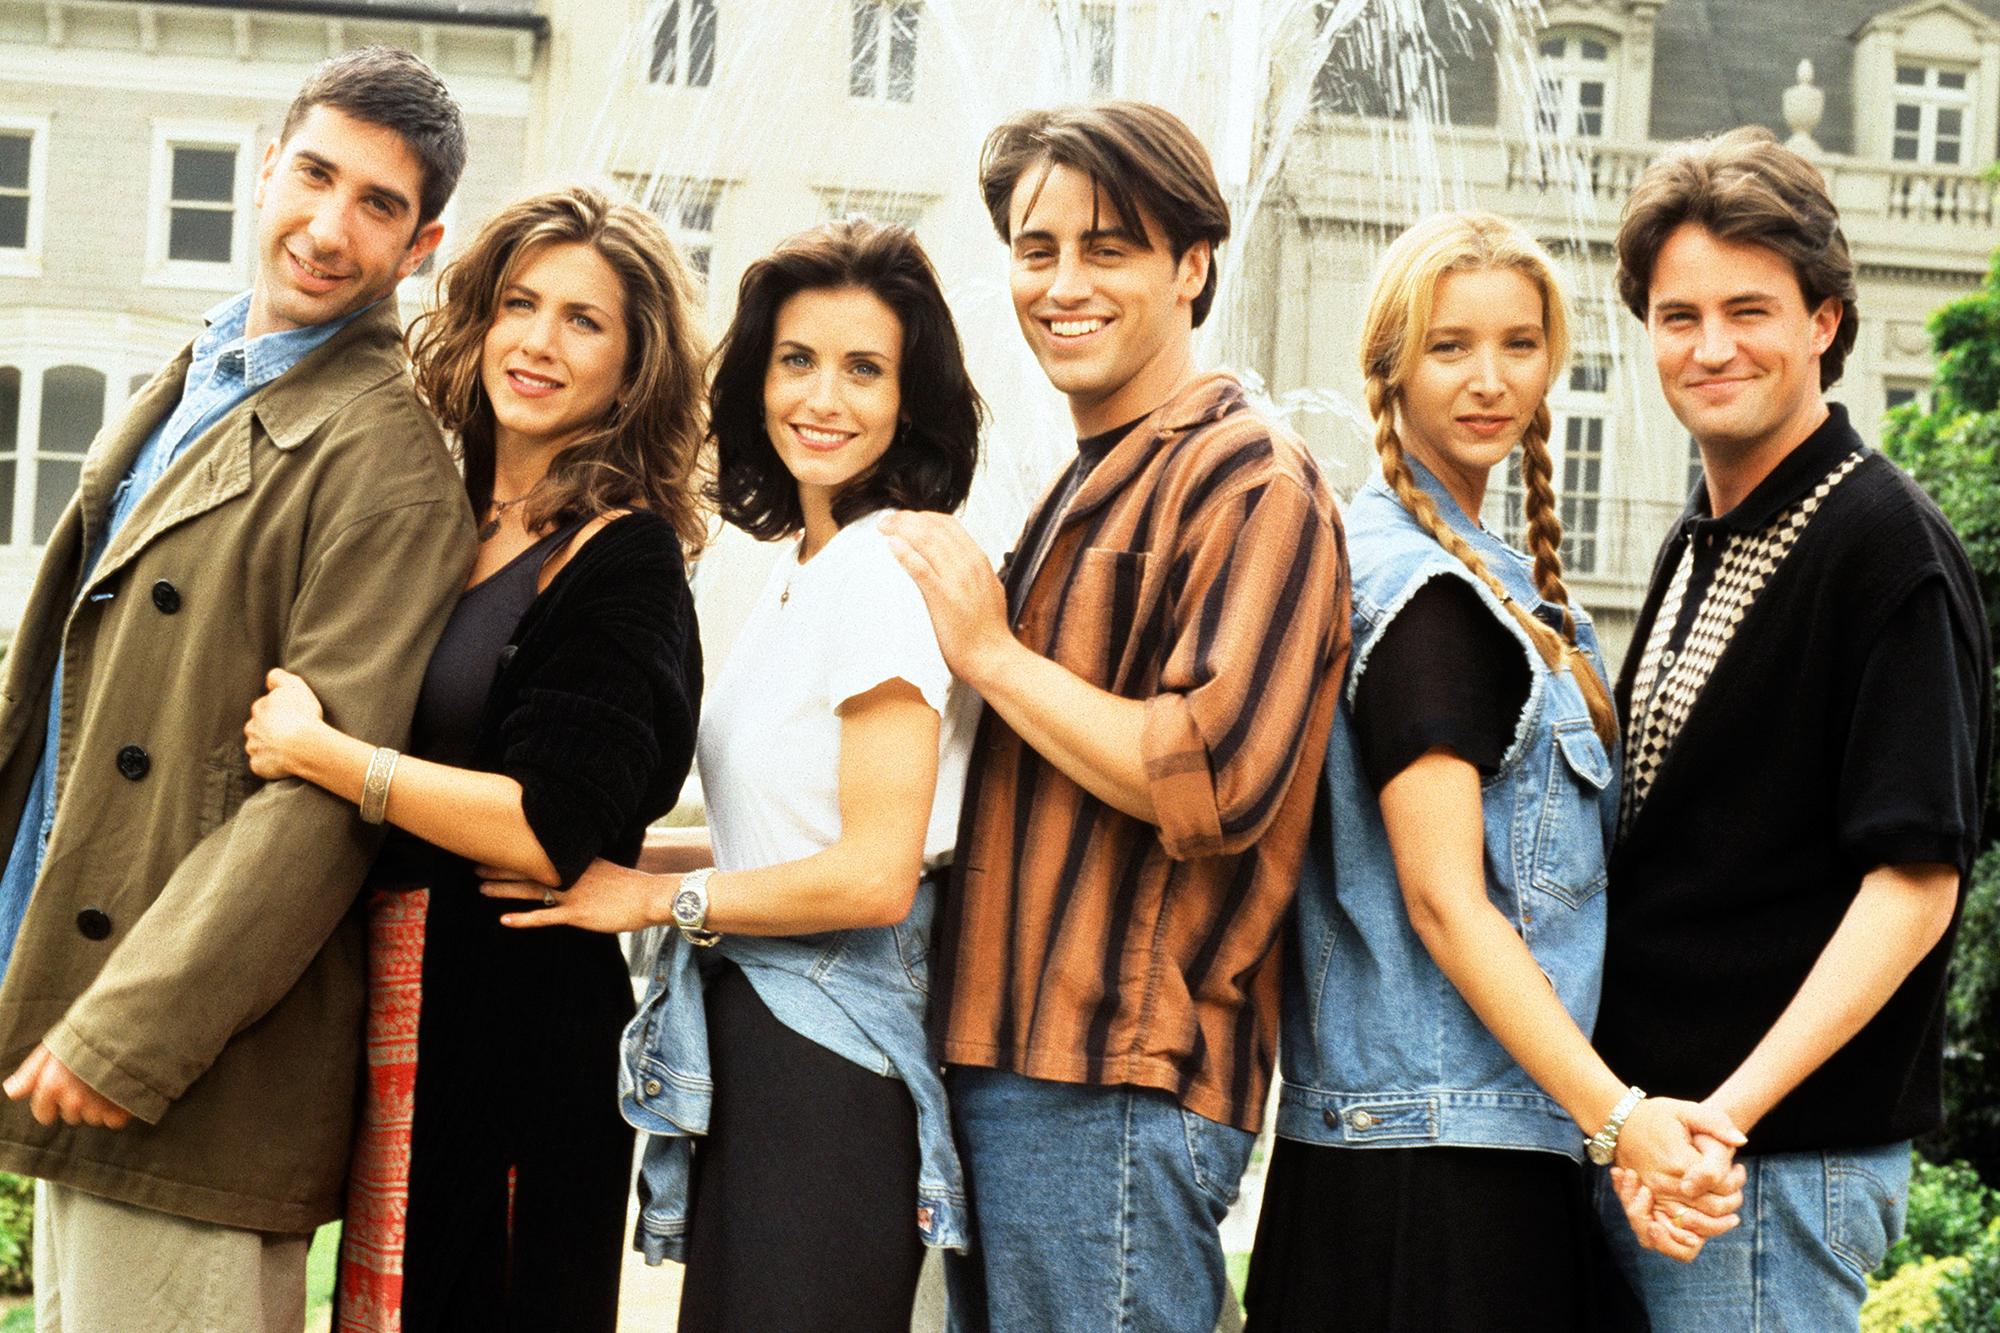 'Friends' Leaving Netflix In 2020 For WarnerMedia's HBO